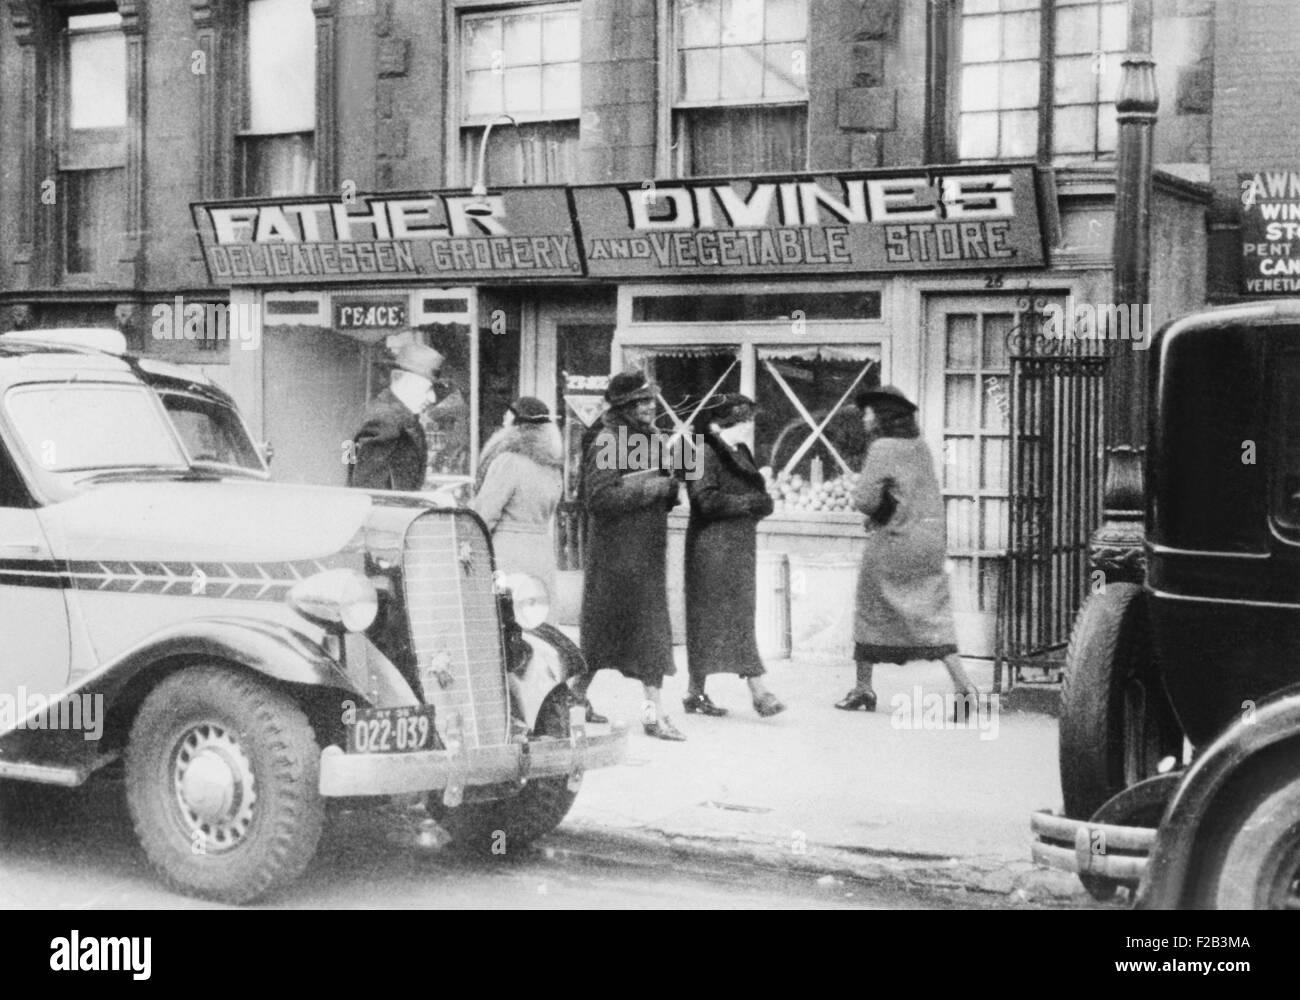 L'un des père du mouvement de la paix Divine Mission épicerie qui vend des aliments au coût. Photo Stock